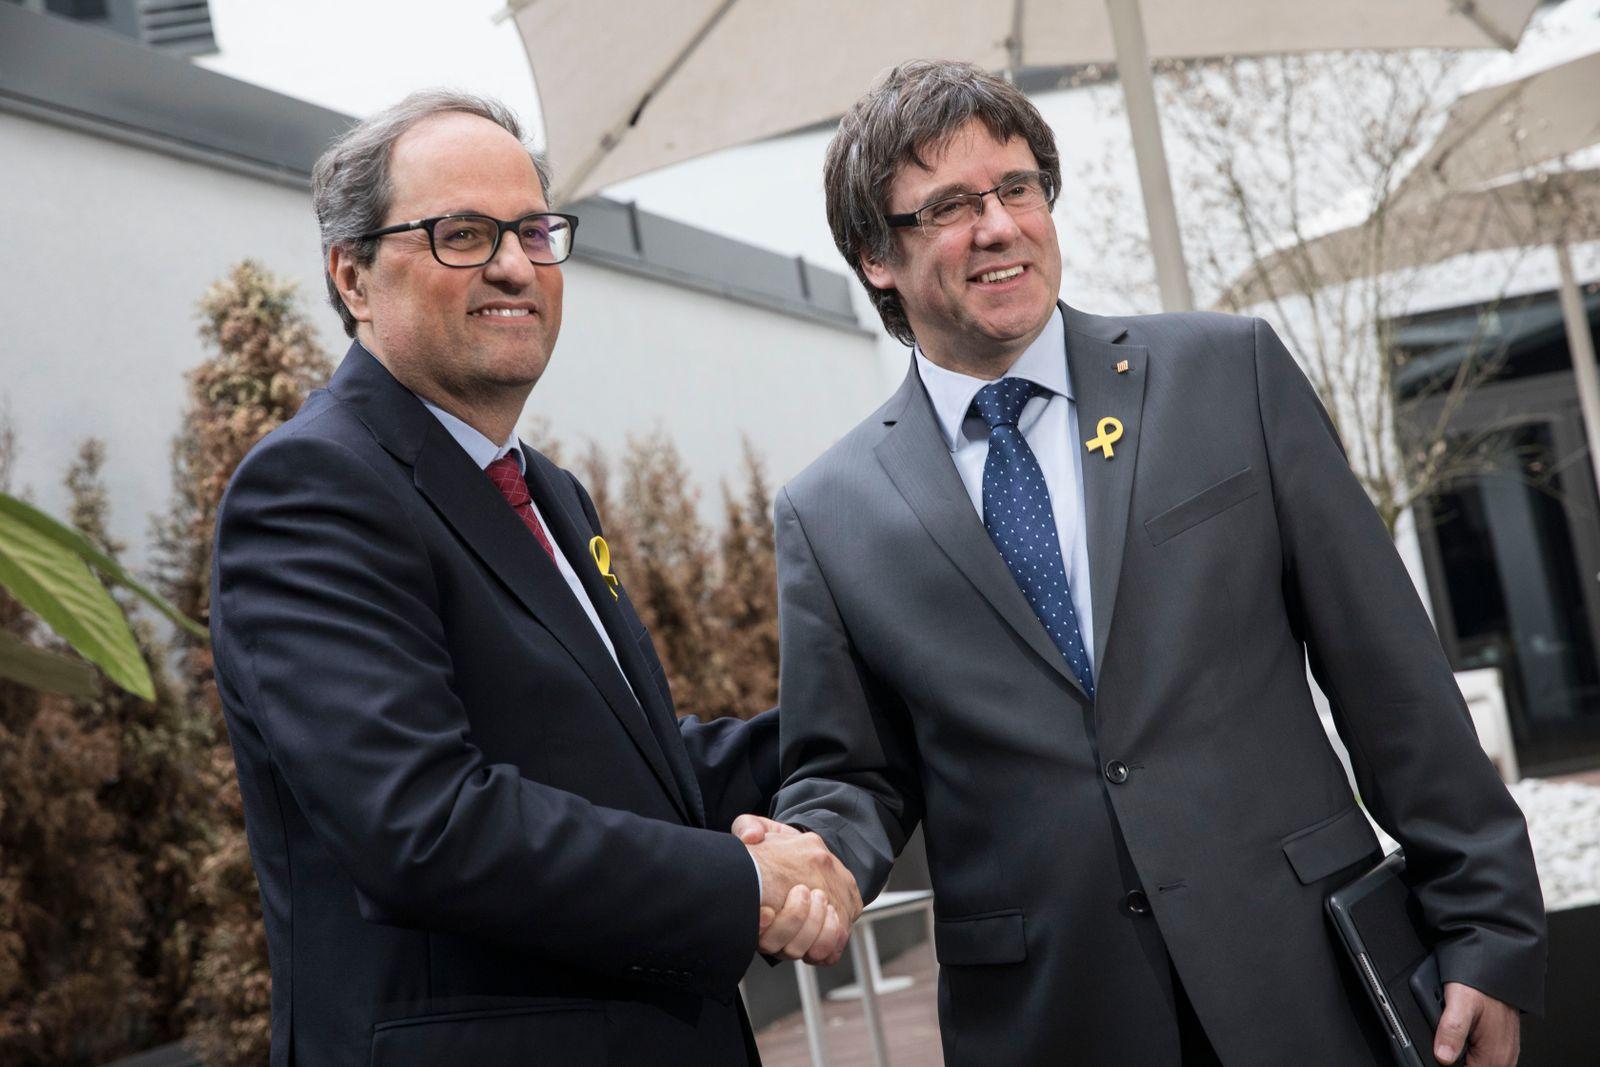 Quim Torra / Carles Puigdemont